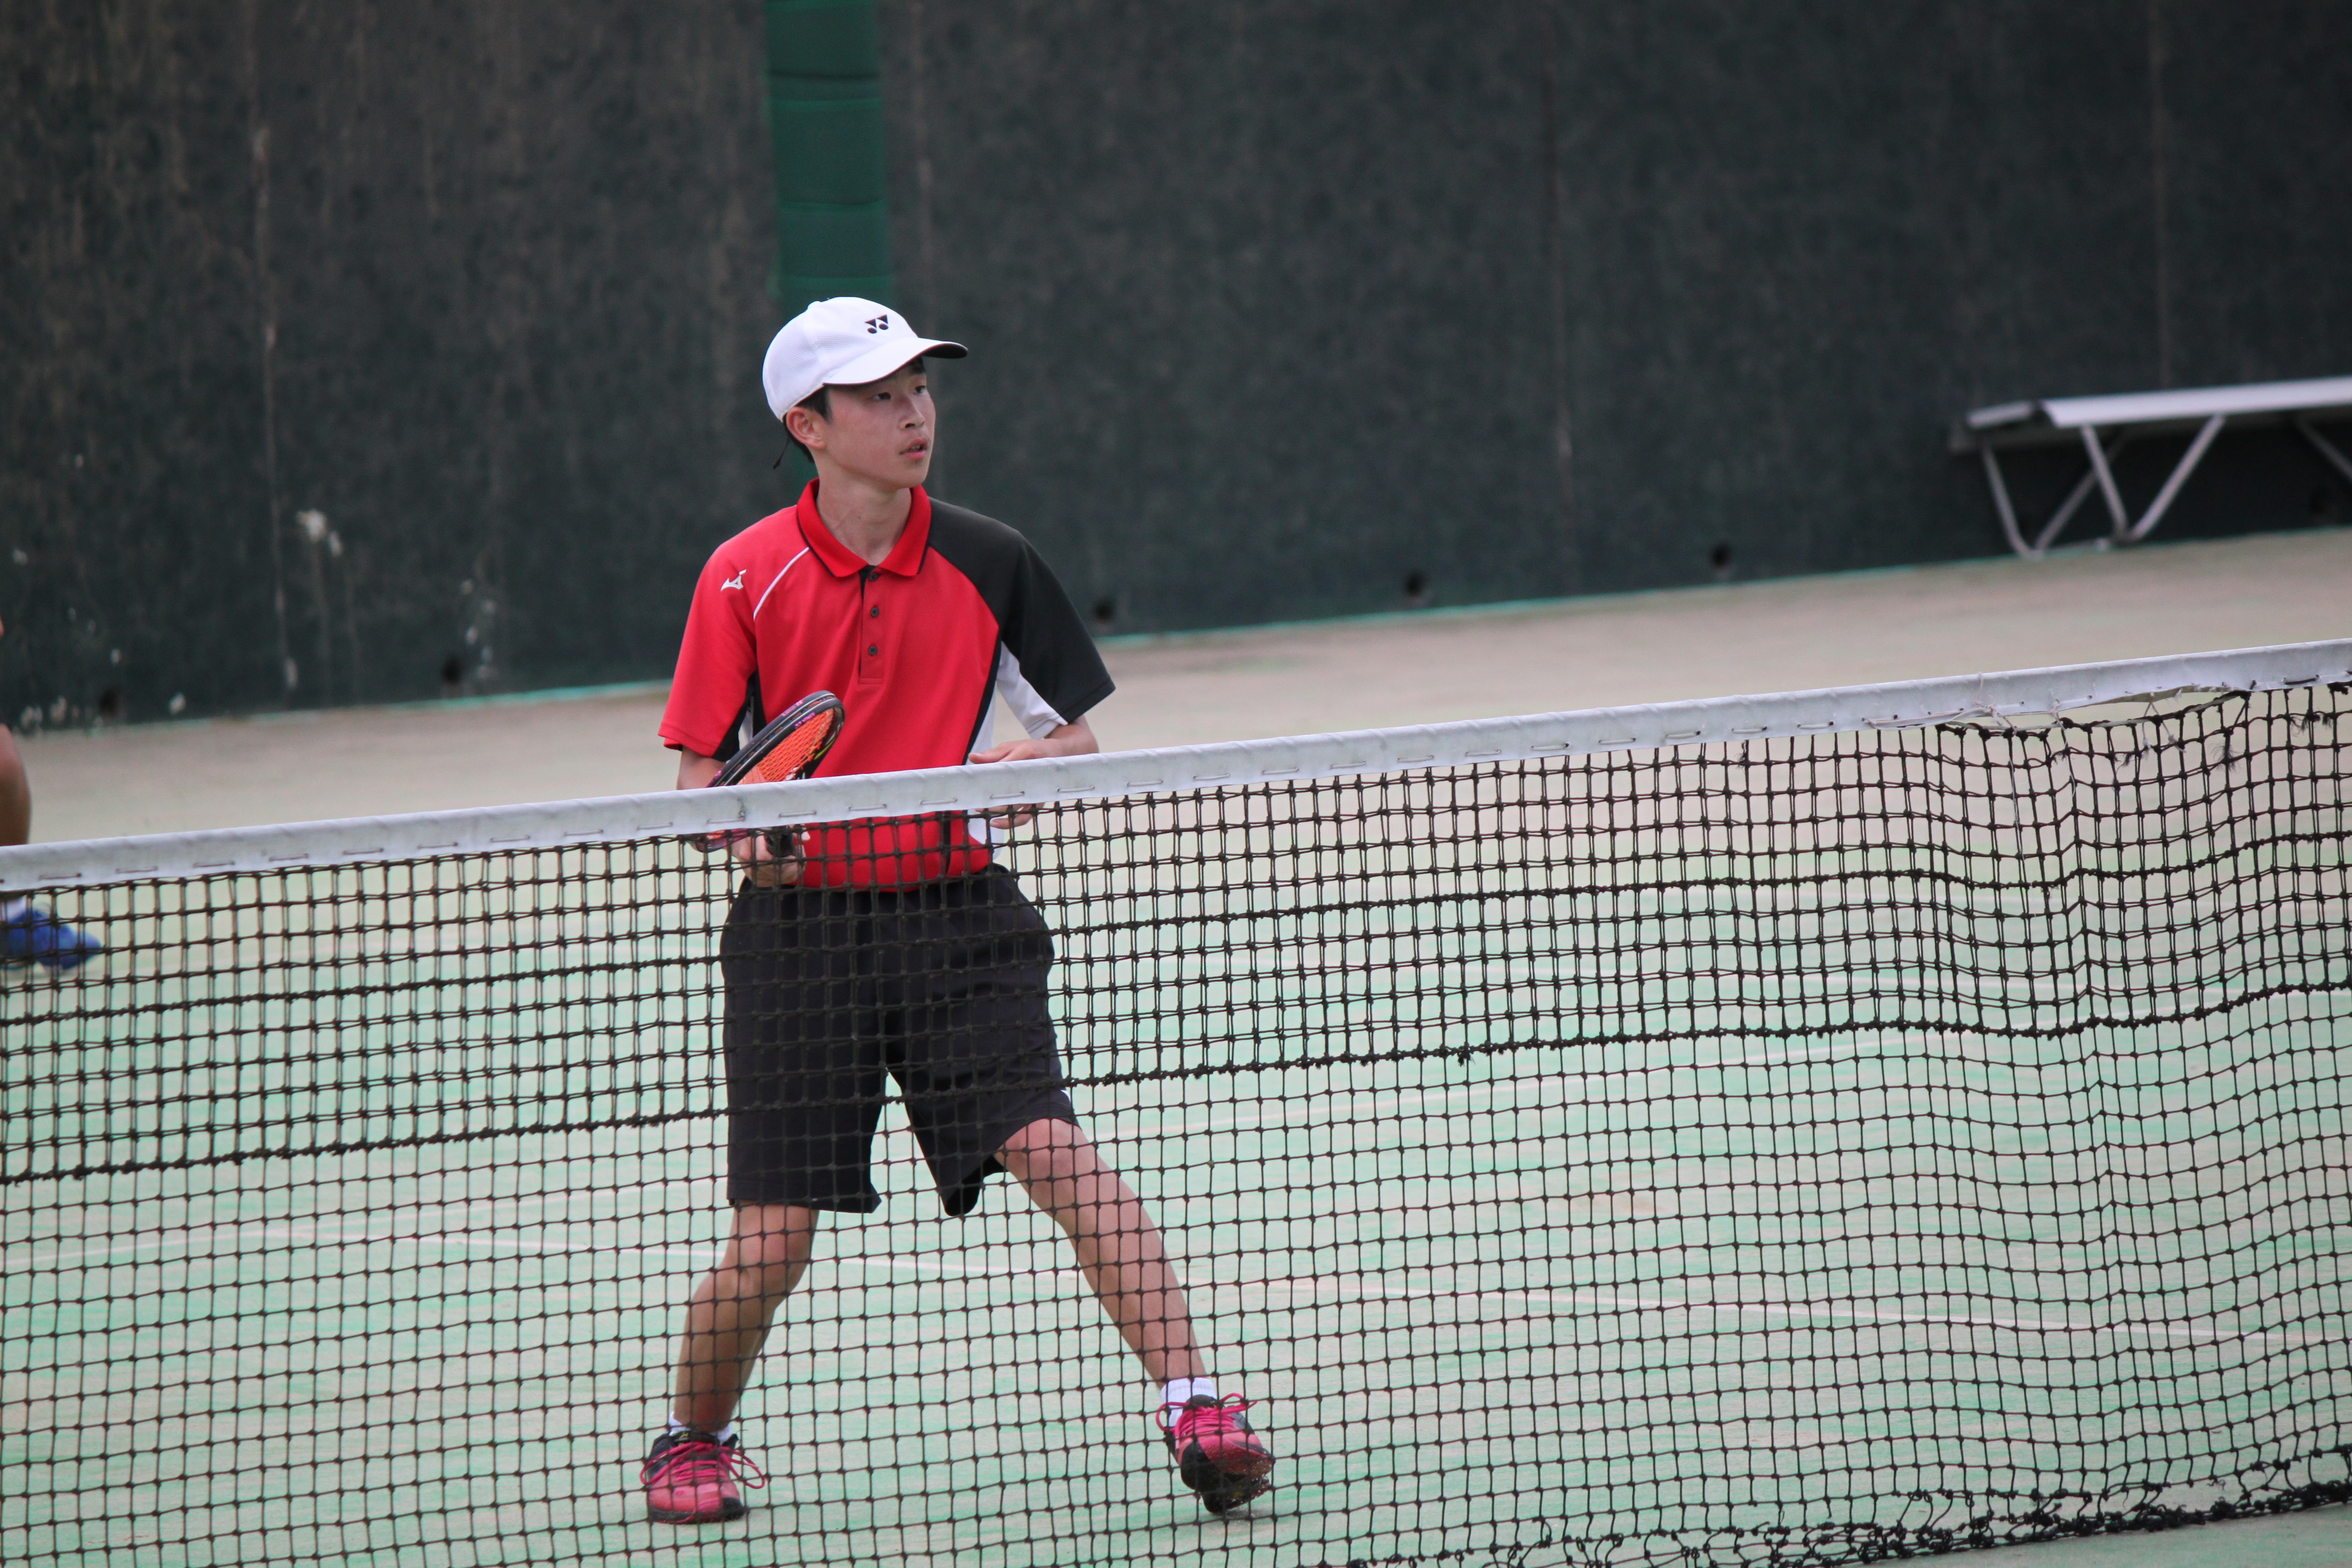 ソフトテニス (453)